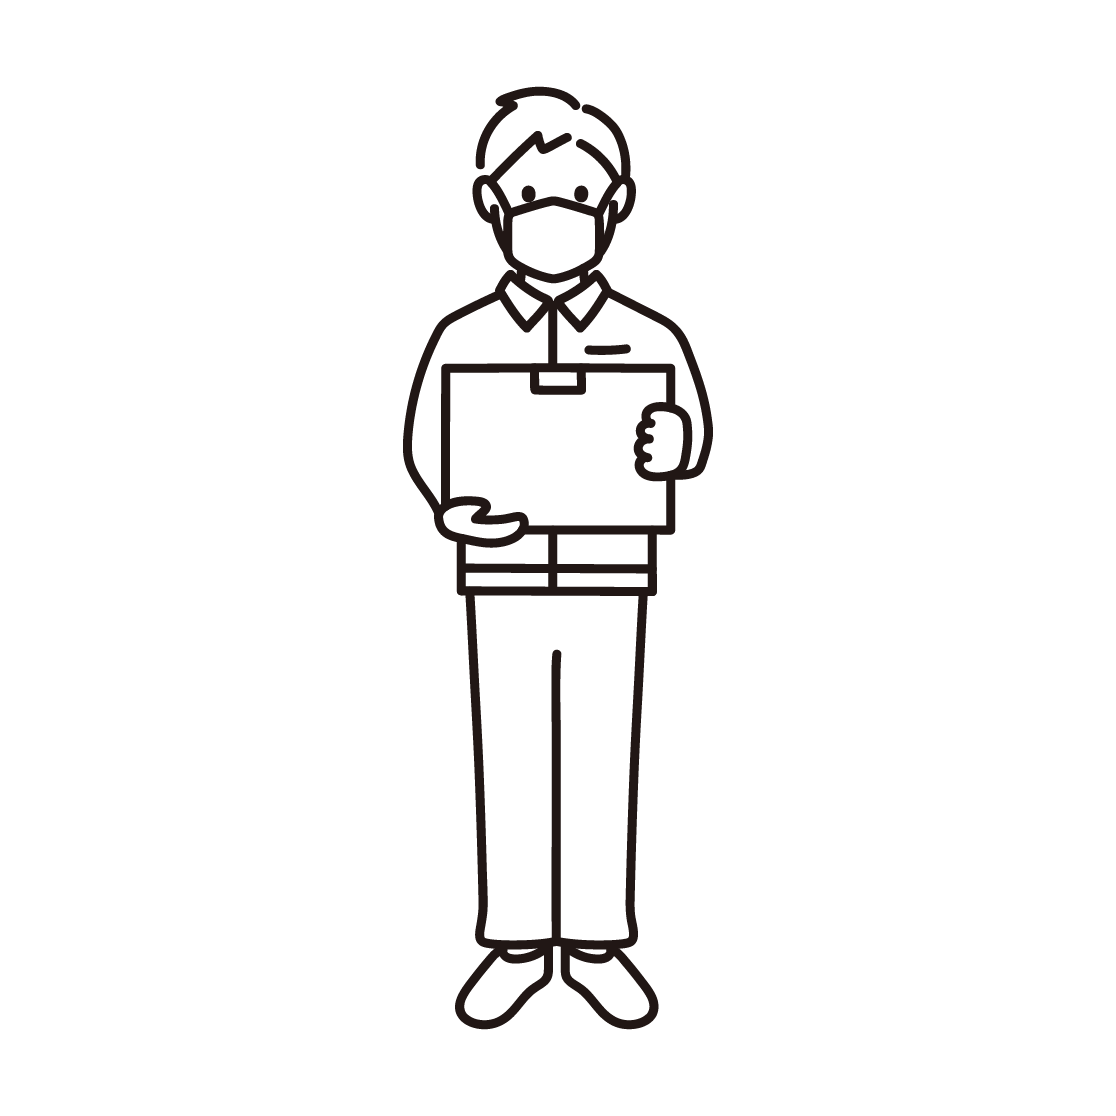 マスクを付けた男性の配達員の線画イラスト